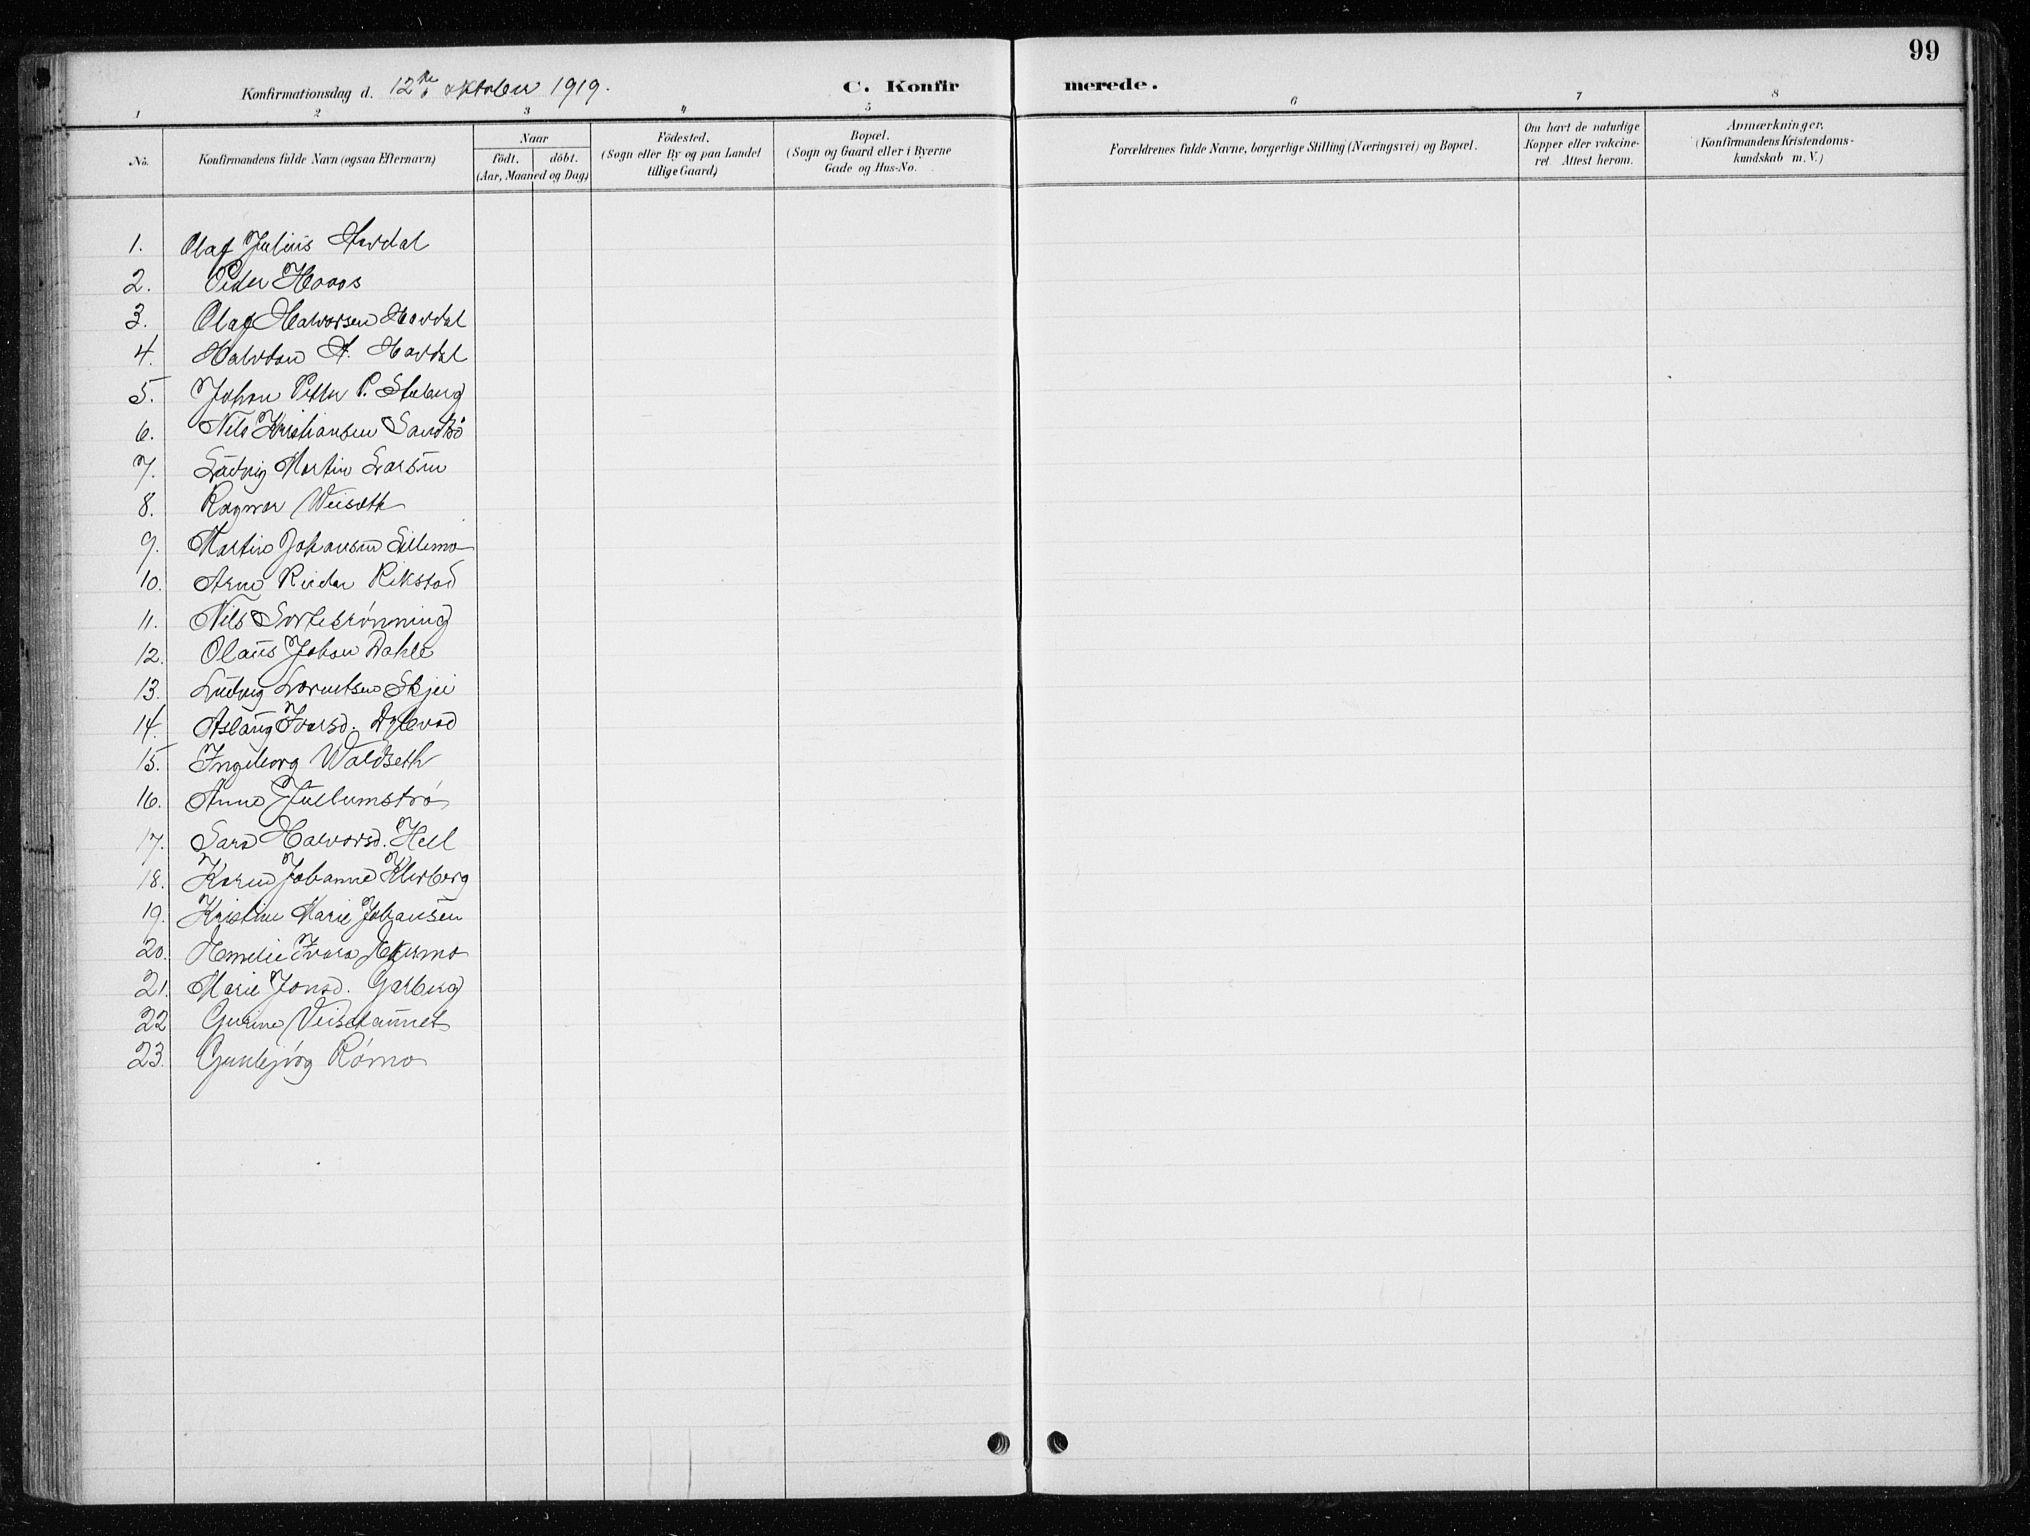 SAT, Ministerialprotokoller, klokkerbøker og fødselsregistre - Nord-Trøndelag, 710/L0096: Klokkerbok nr. 710C01, 1892-1925, s. 99